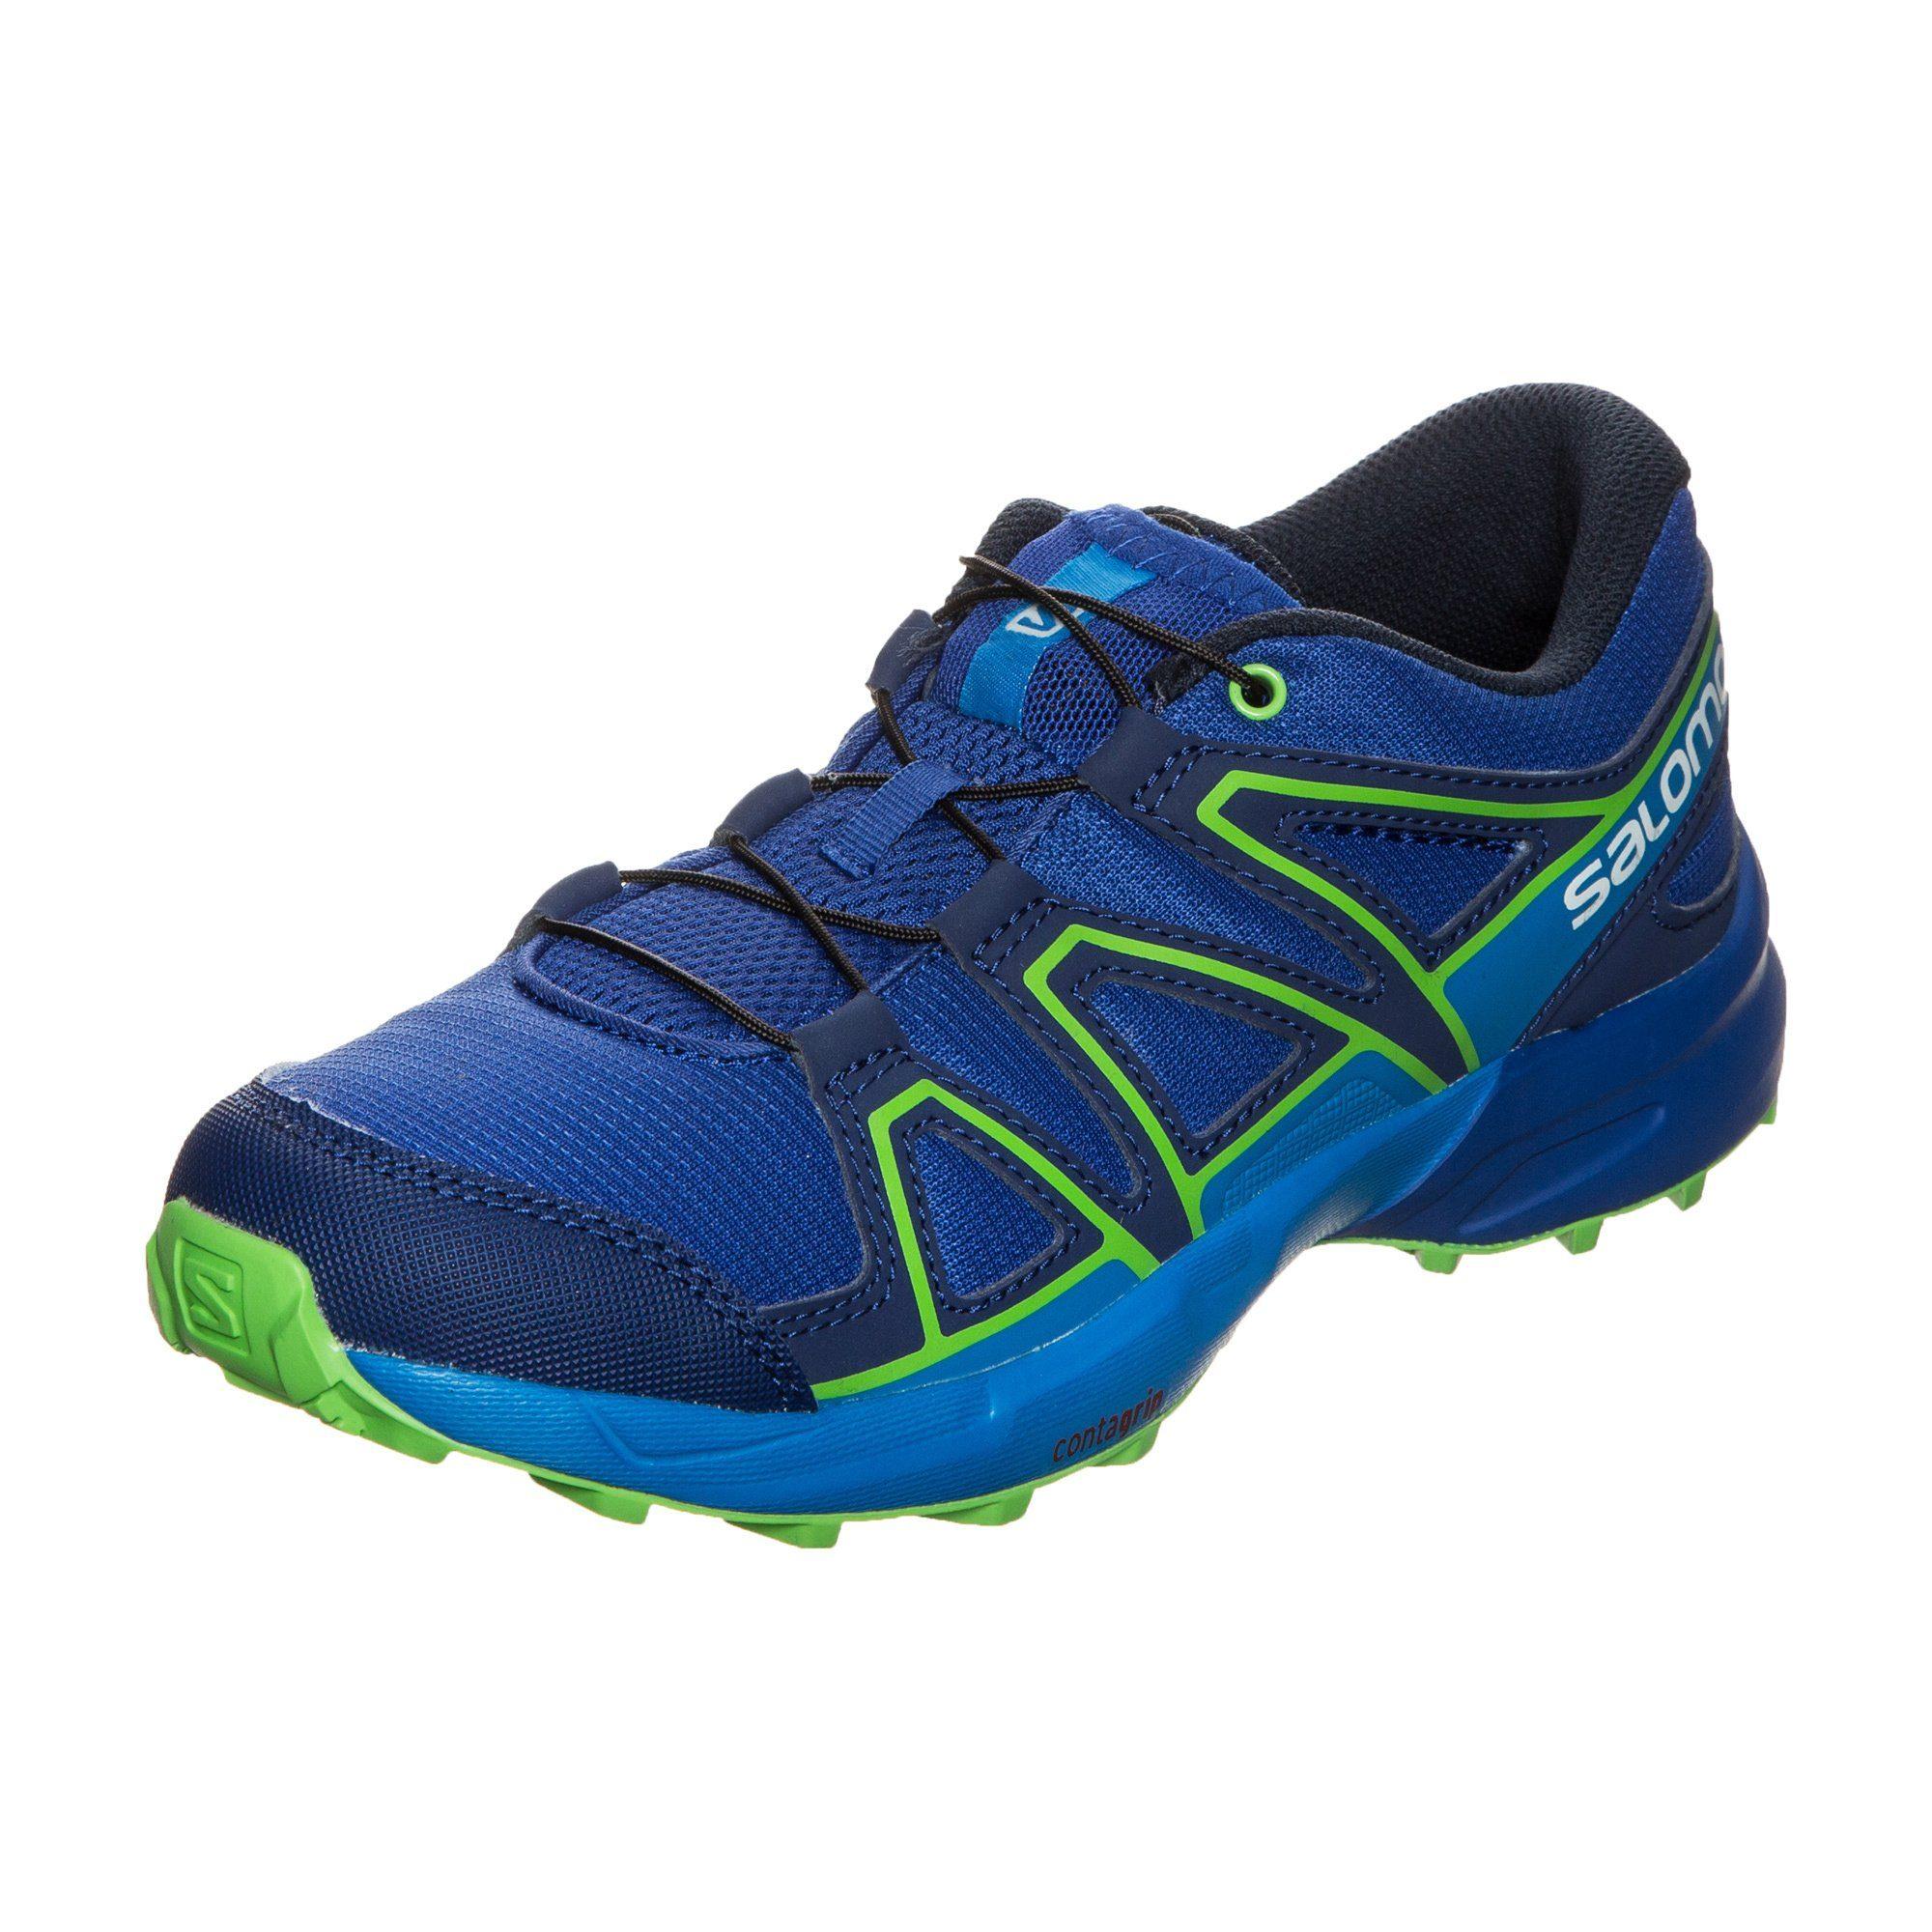 großer Abverkauf Qualität und Quantität zugesichert bester Ort für Salomon Speedcross Trail Laufschuh Kinder bestellen | BAUR